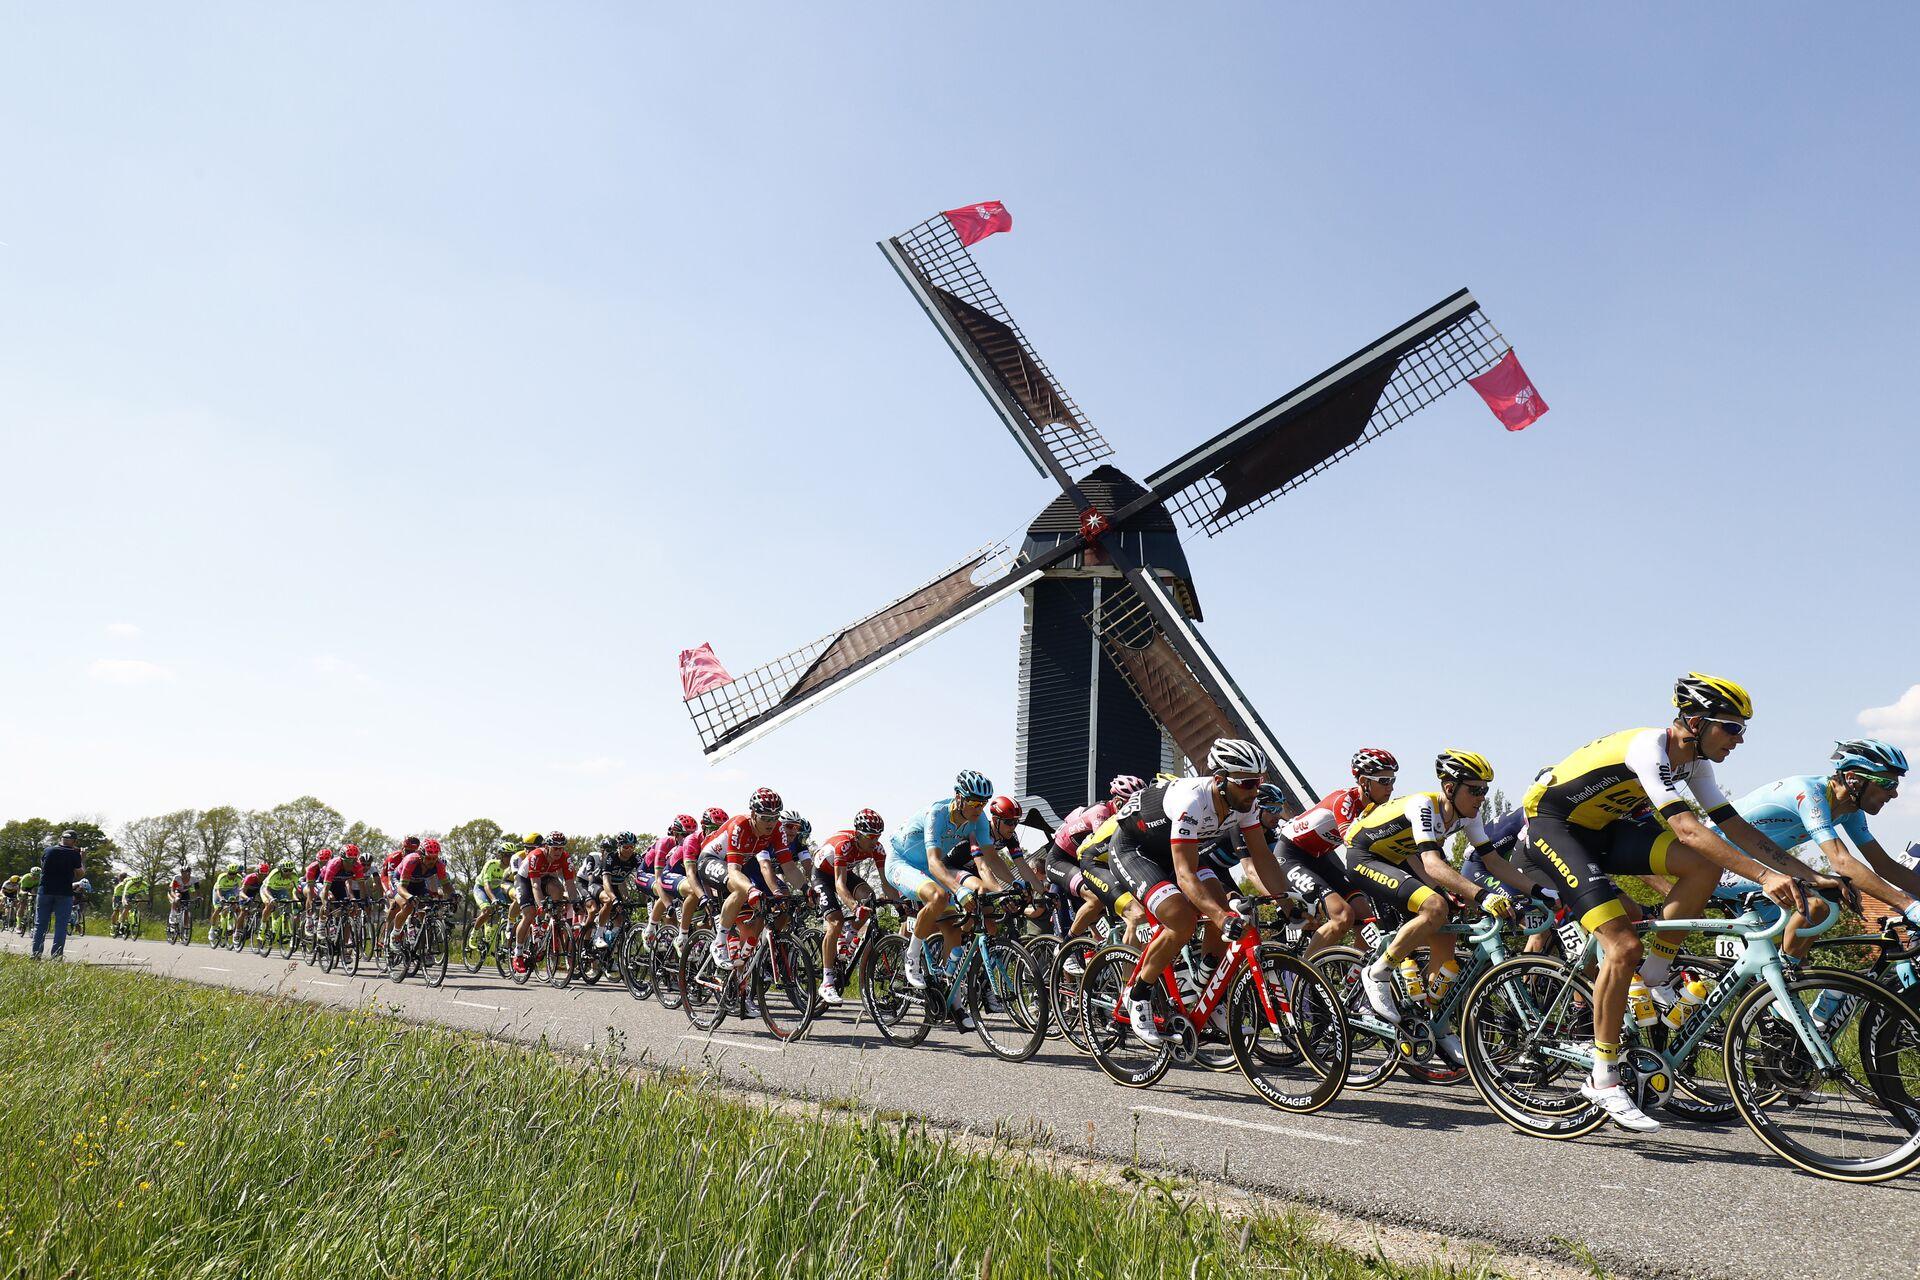 Велогонщики на этапе многодневки Джиро д'Италия - РИА Новости, 1920, 08.05.2021